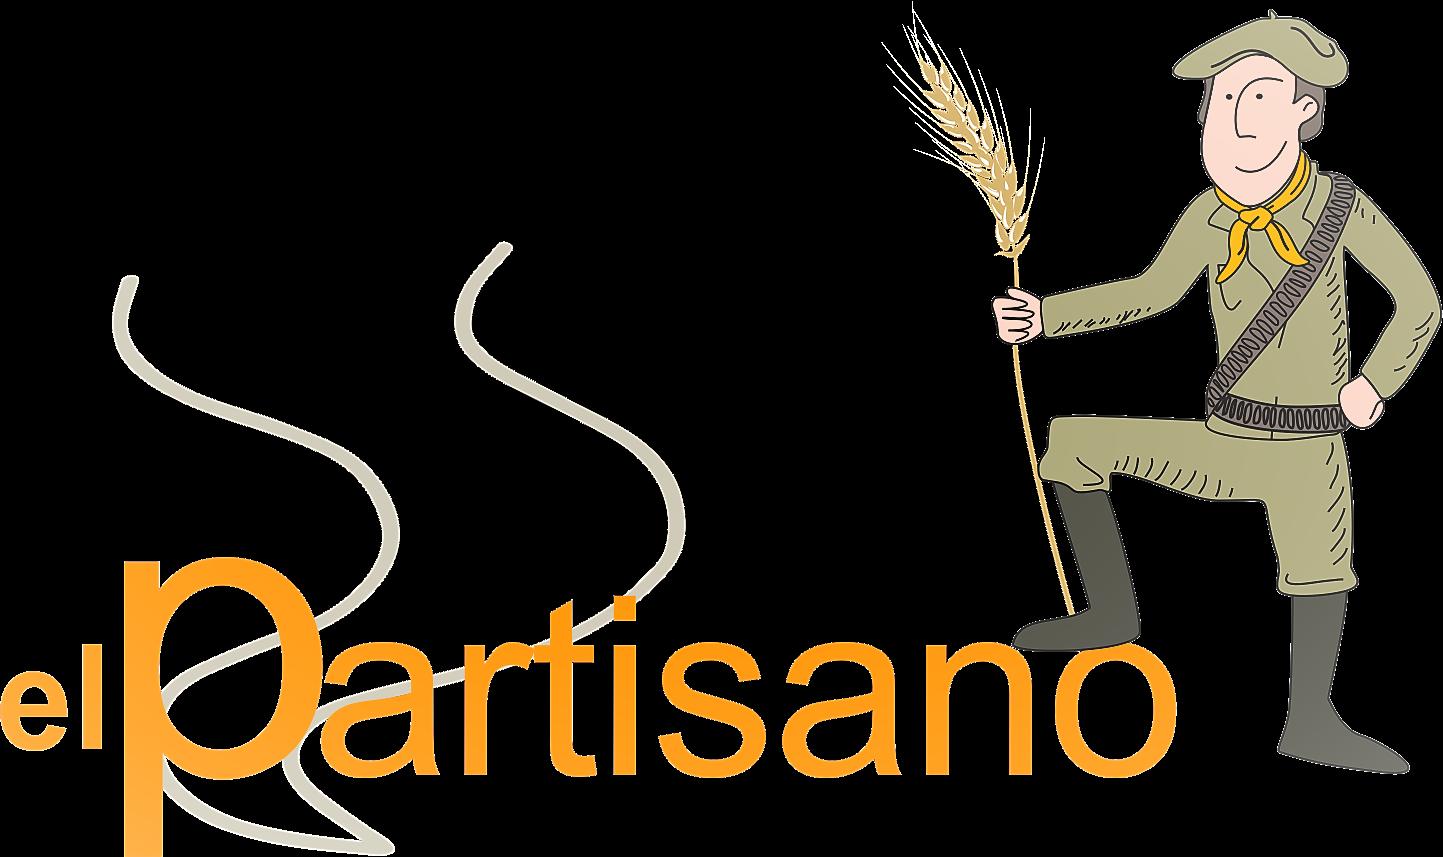 Tinerfeña De Pastas - El Partisano